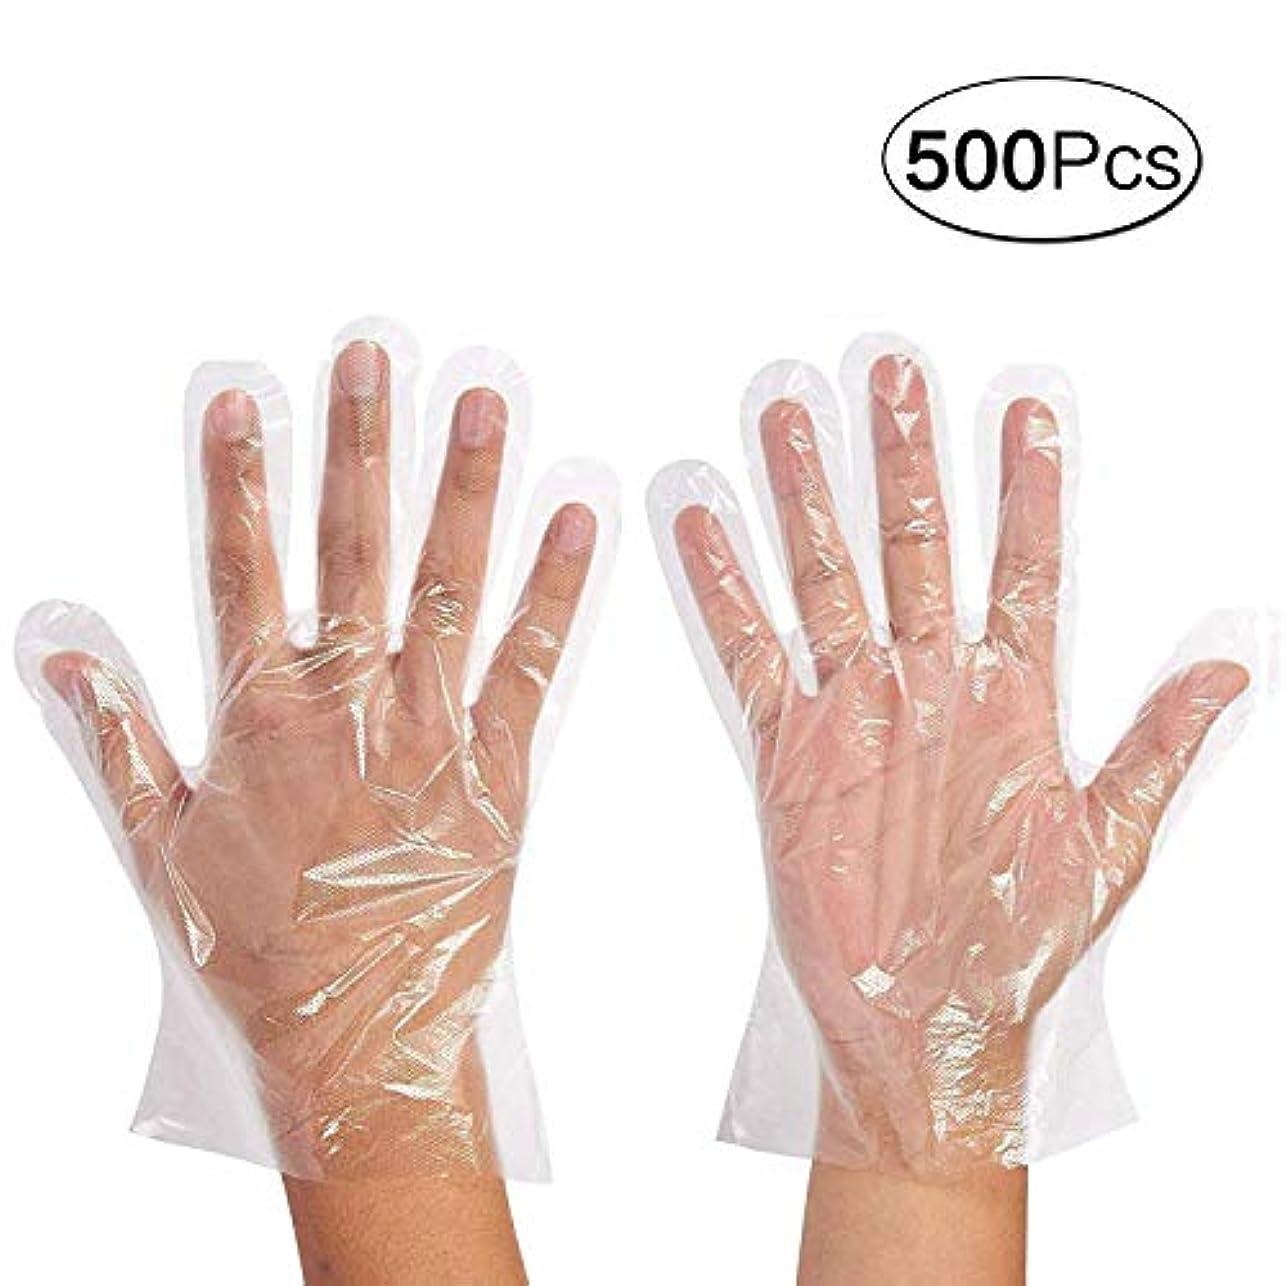 高いめ言葉使い捨て手袋 極薄ビニール手袋 ポリエチレン 透明 実用 衛生 500枚セット極薄手袋